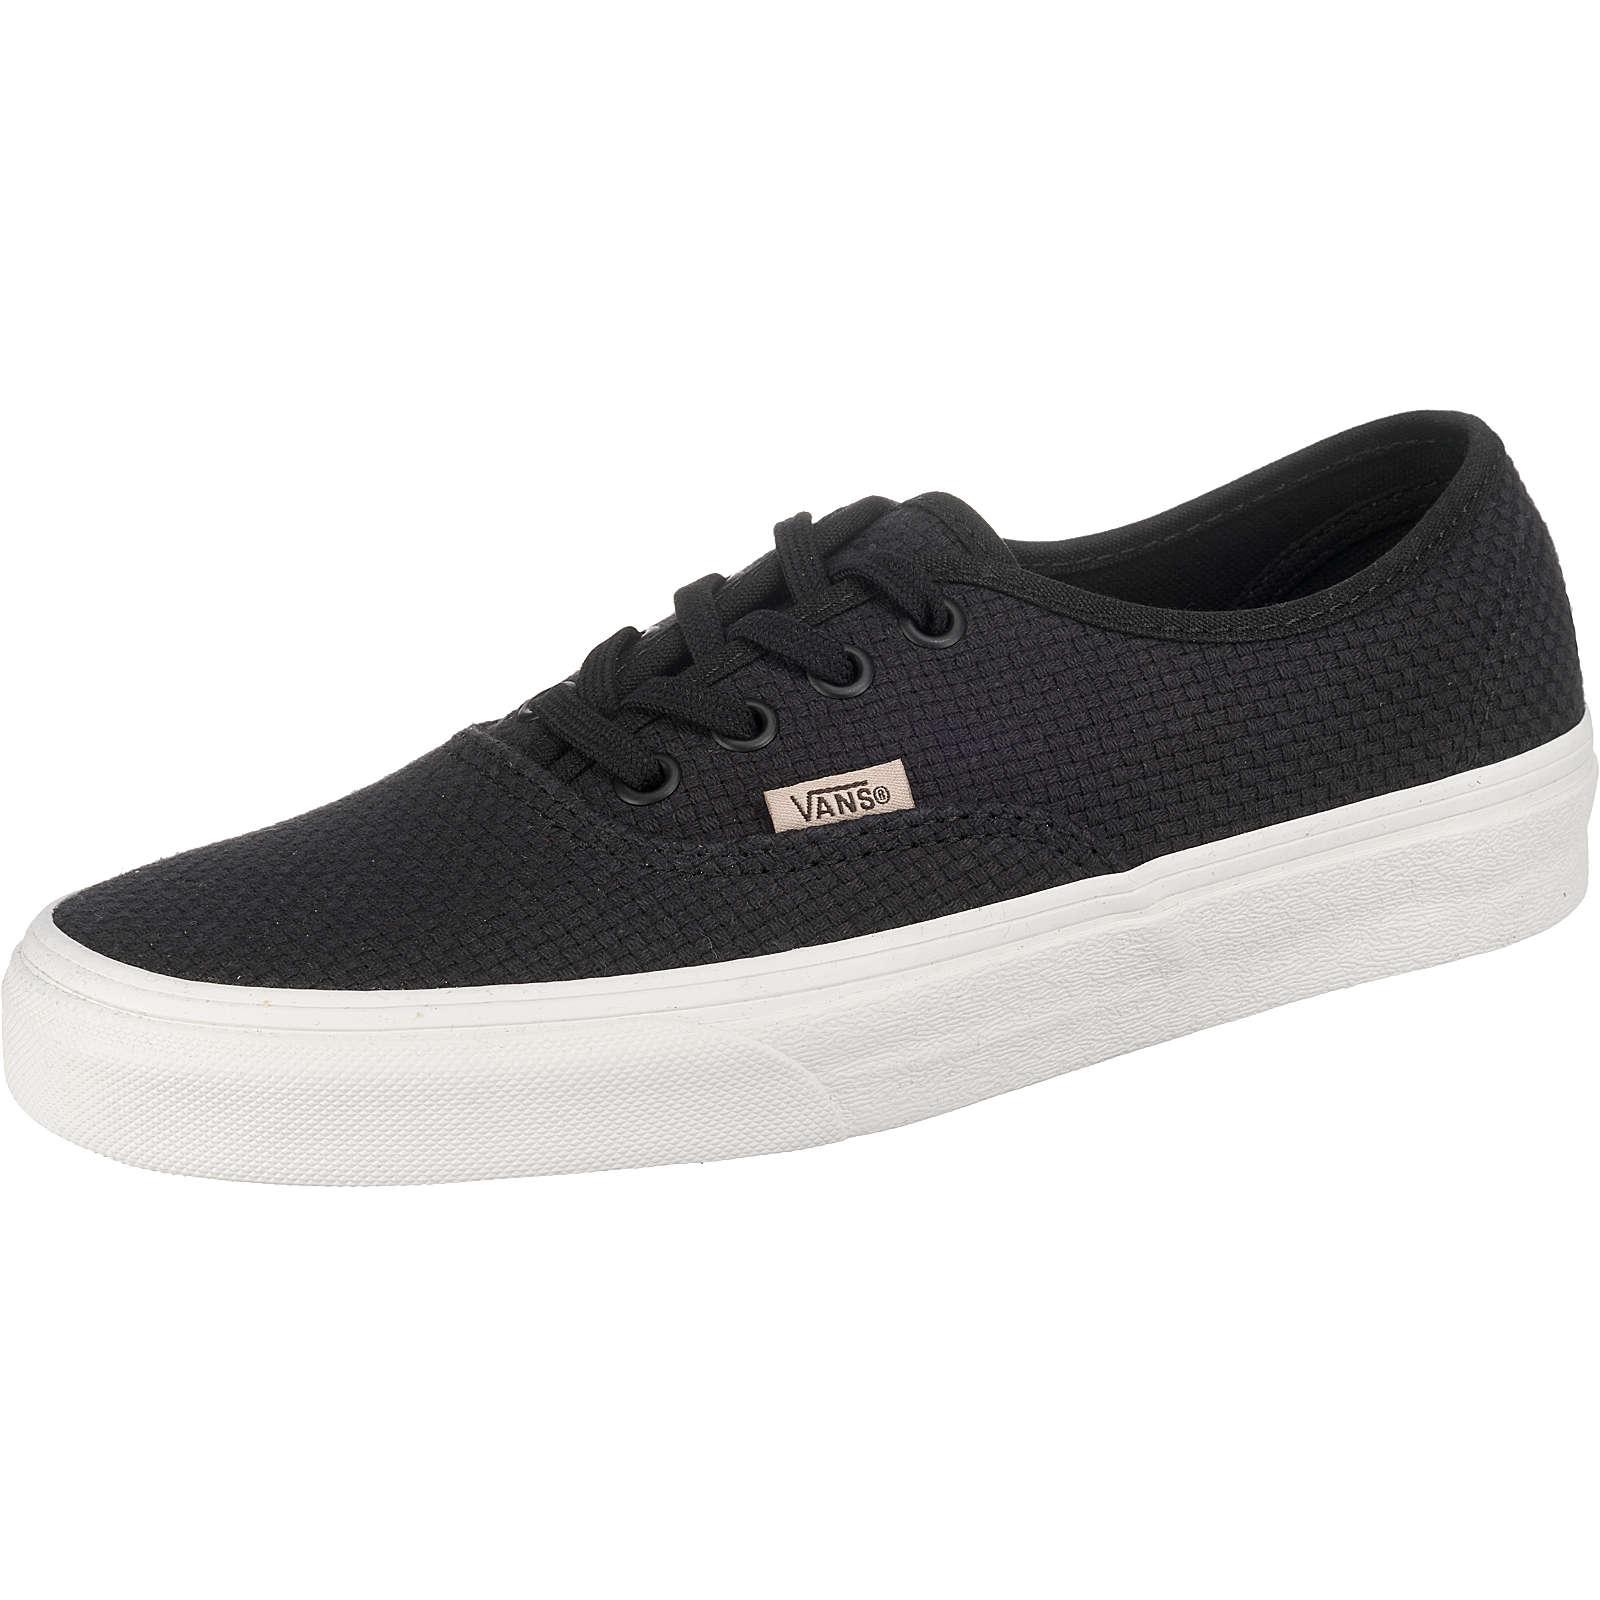 VANS UA Authentic Sneakers Low schwarz Damen Gr. 36